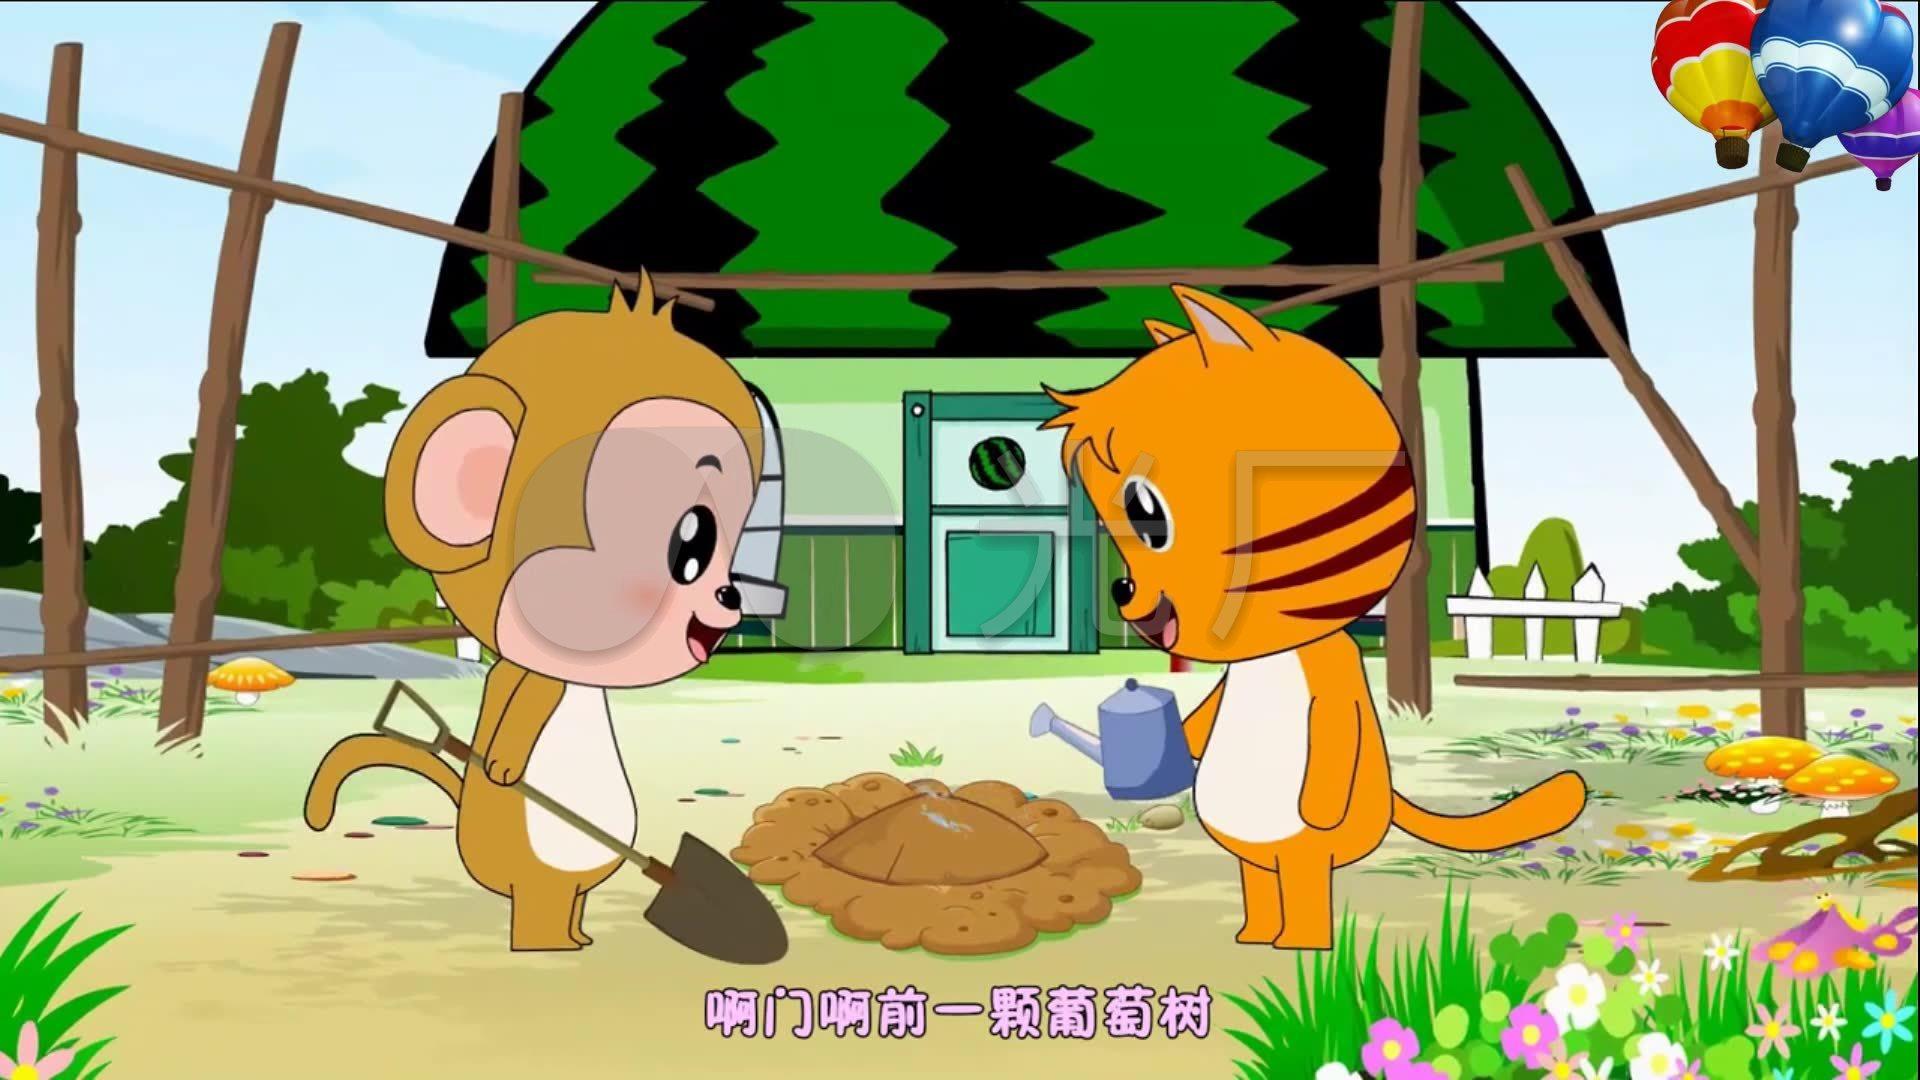 蜗牛与教程鸟动画卡通儿童_1920X1080_高清qq黄鹂群发迪豪器图片